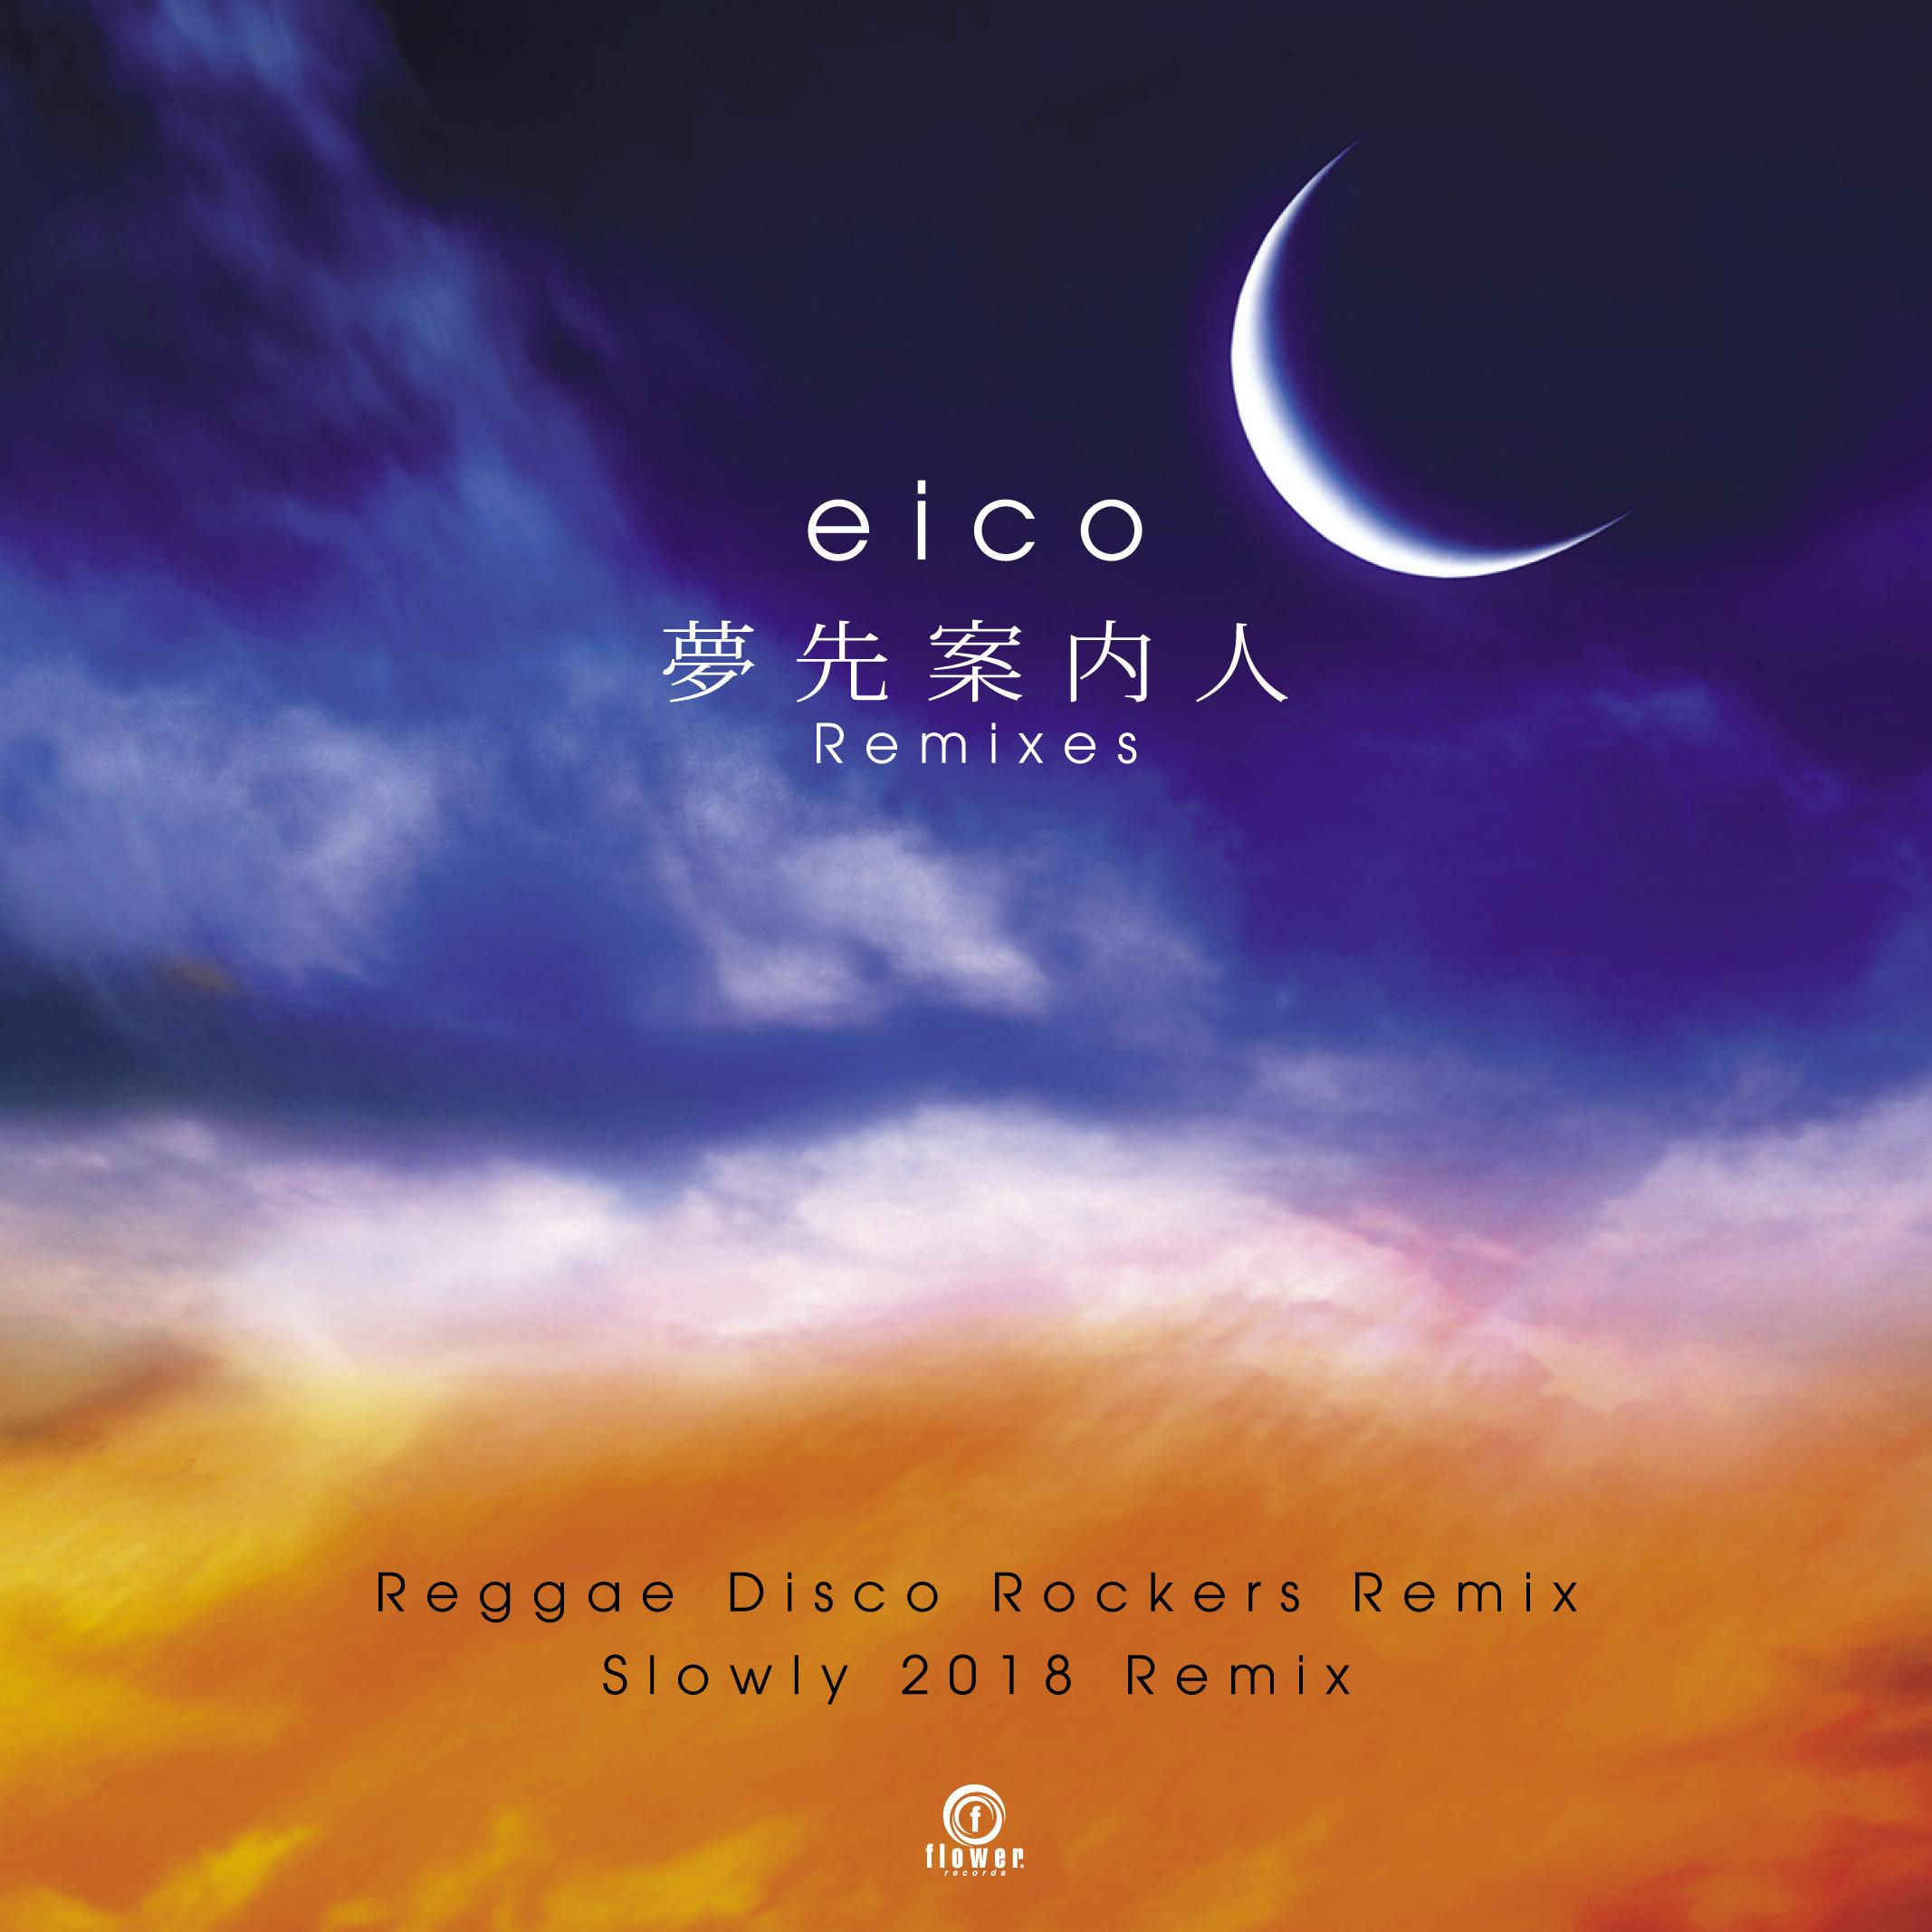 010_2_eico夢先案内人 Remixes